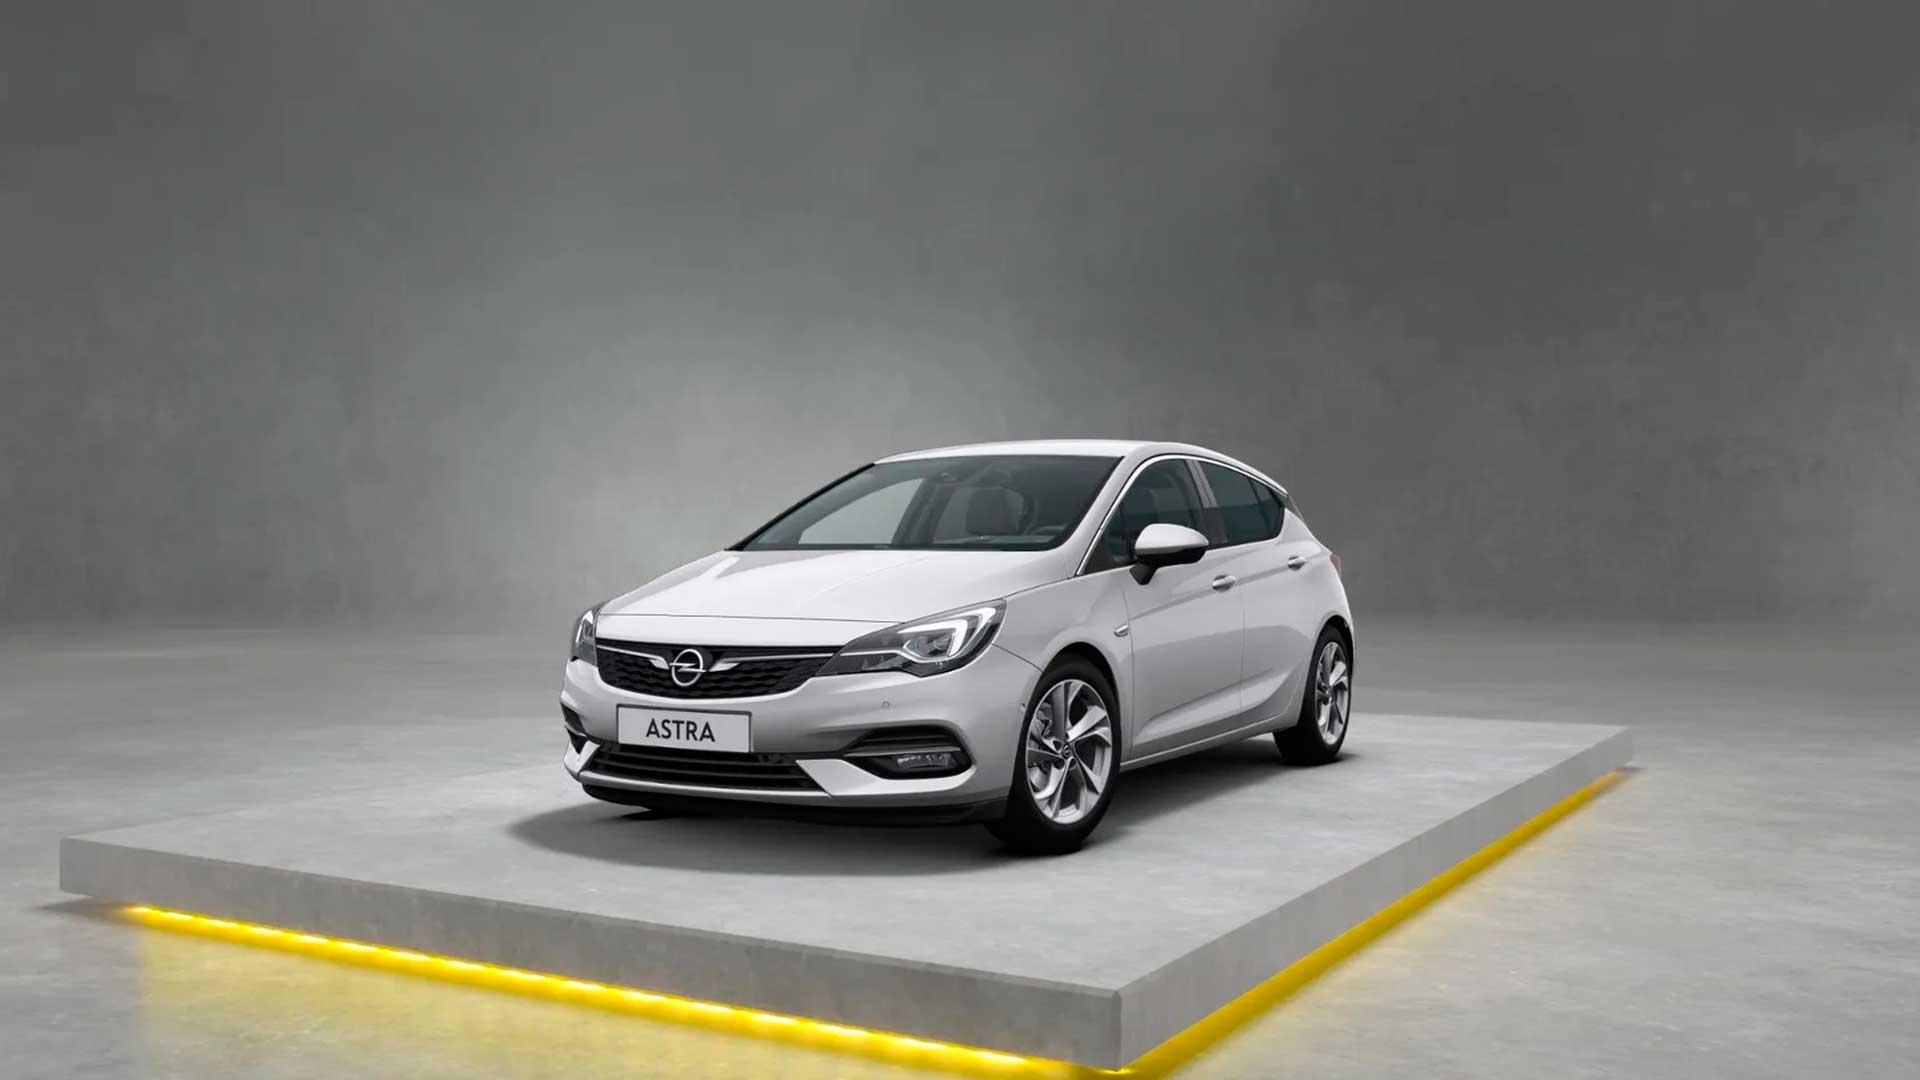 Con el nuevo Opel Astra a la vuelta de la esquina, ¿interesa una oferta del modelo actual?